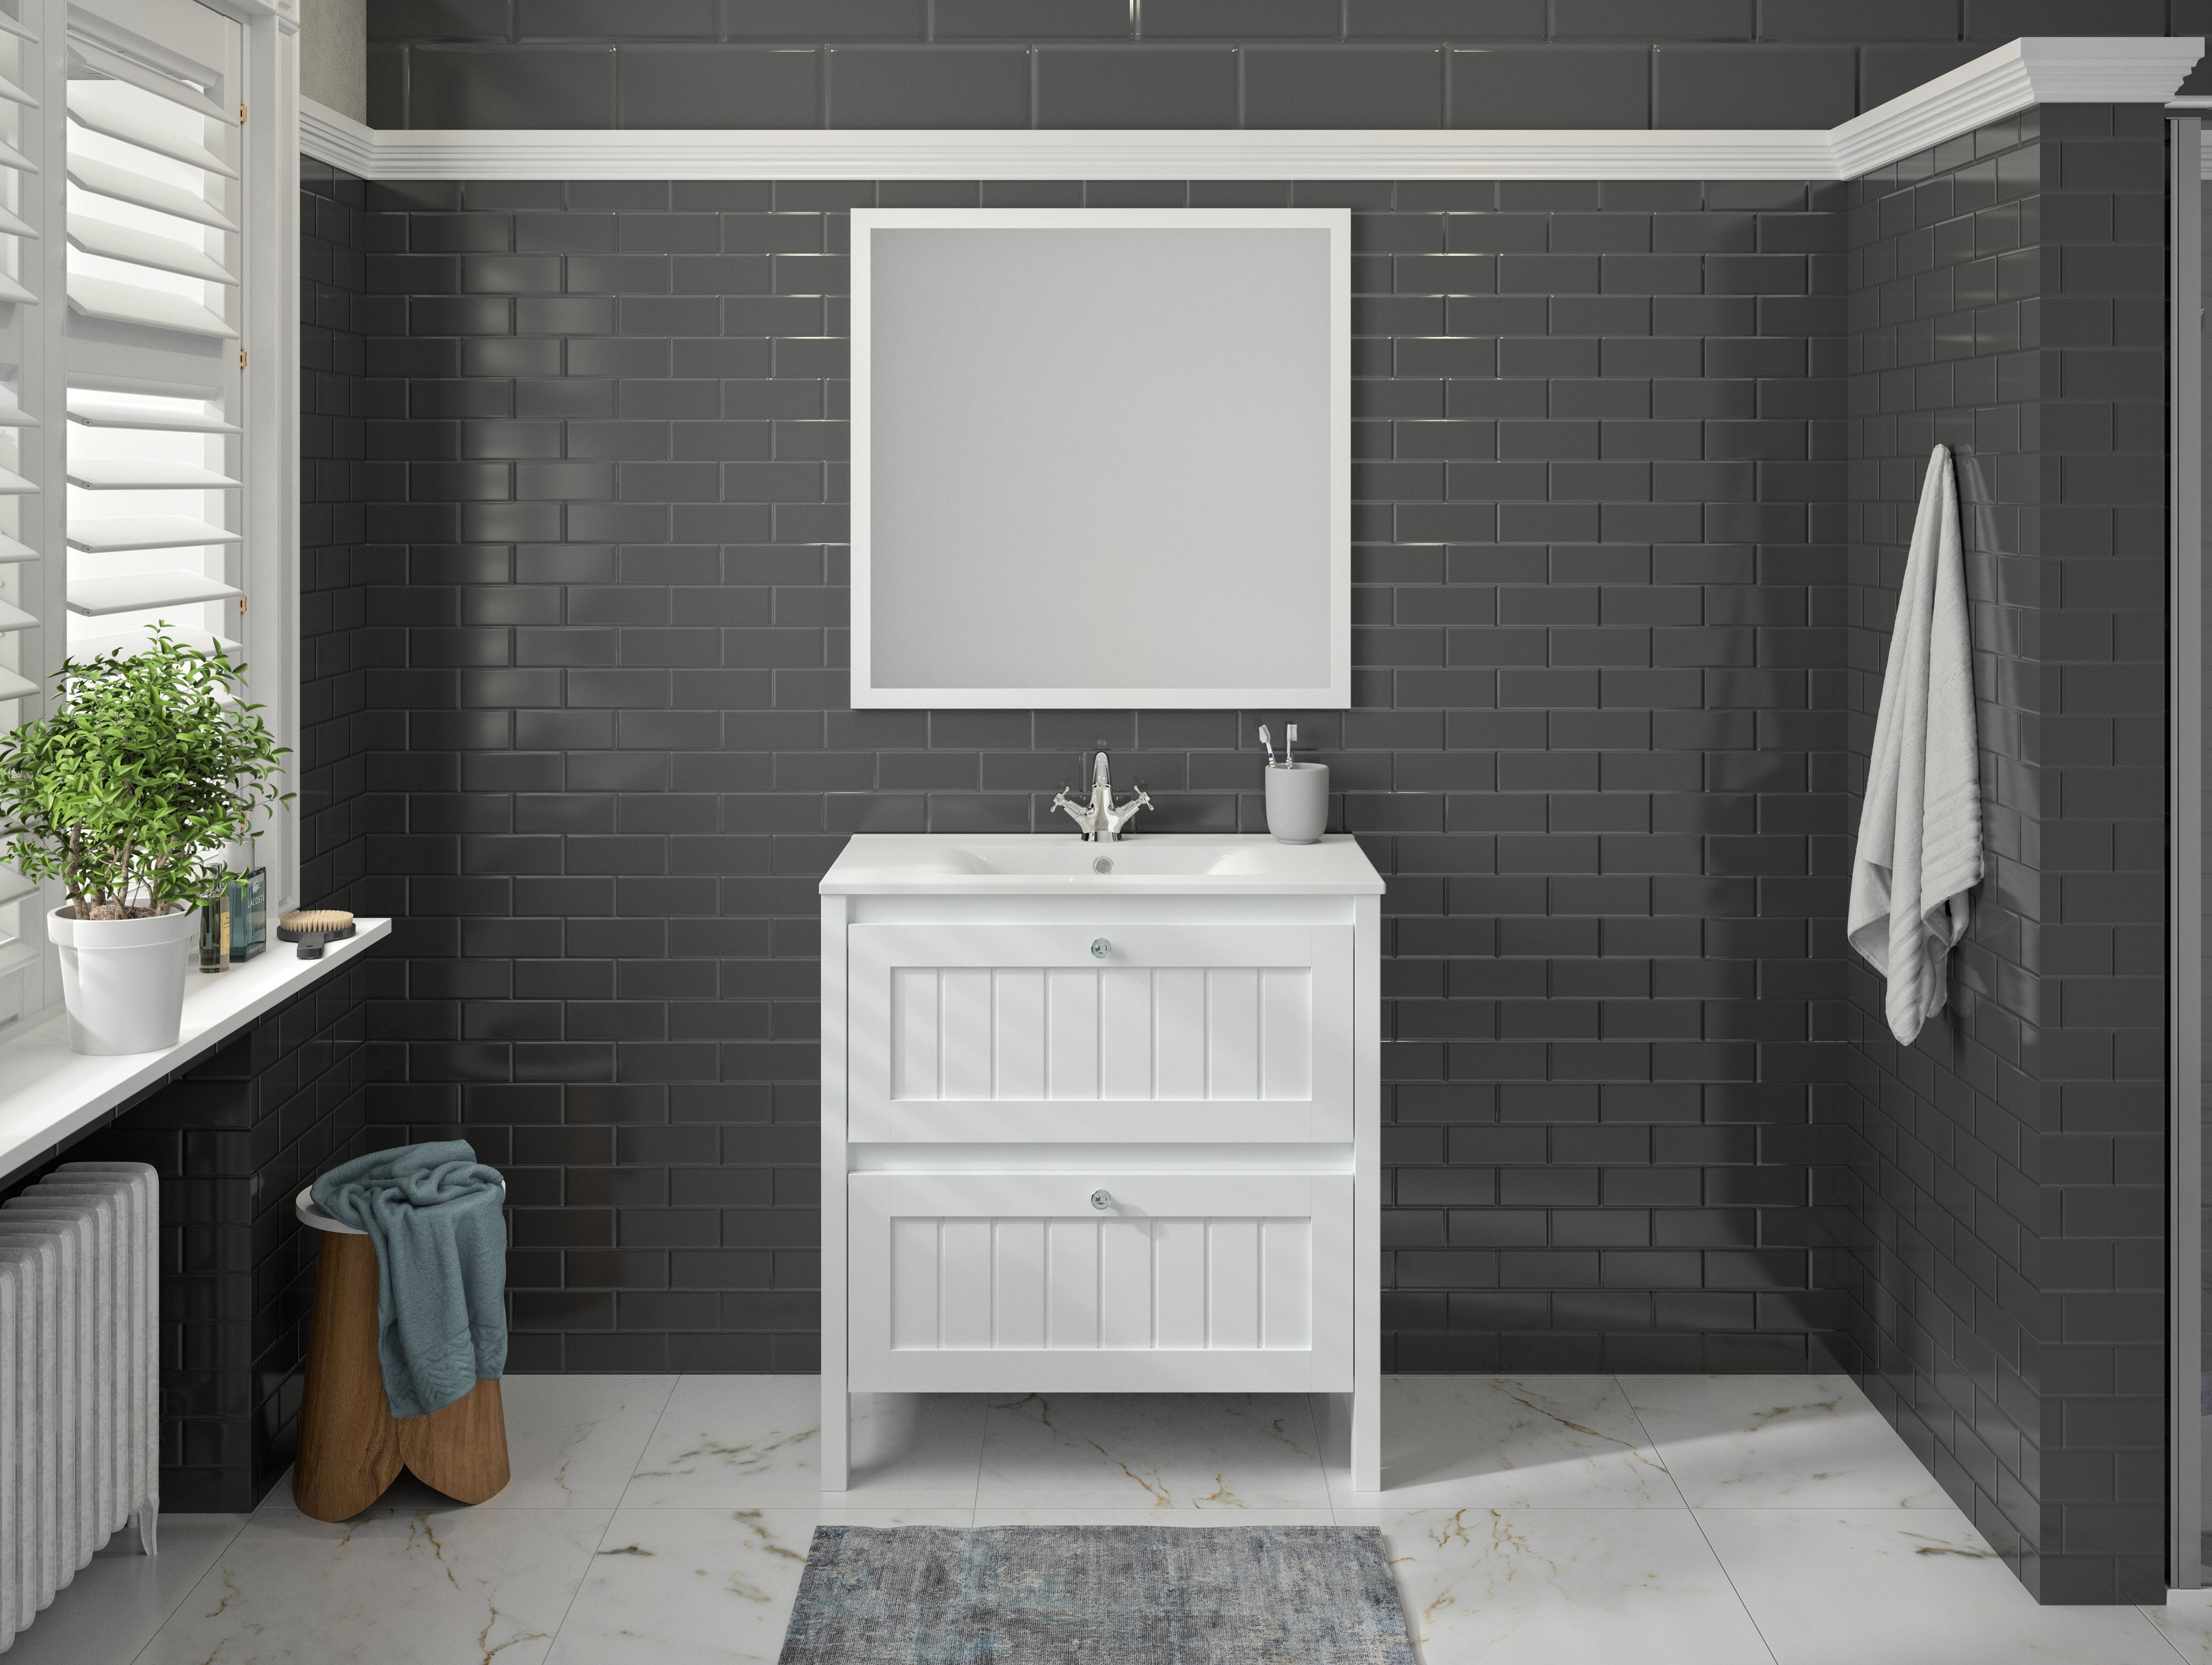 Badmöbel Set Waschbecken Unterschrank Spiegel vormontiert 80 cm weiß ALLIBERT